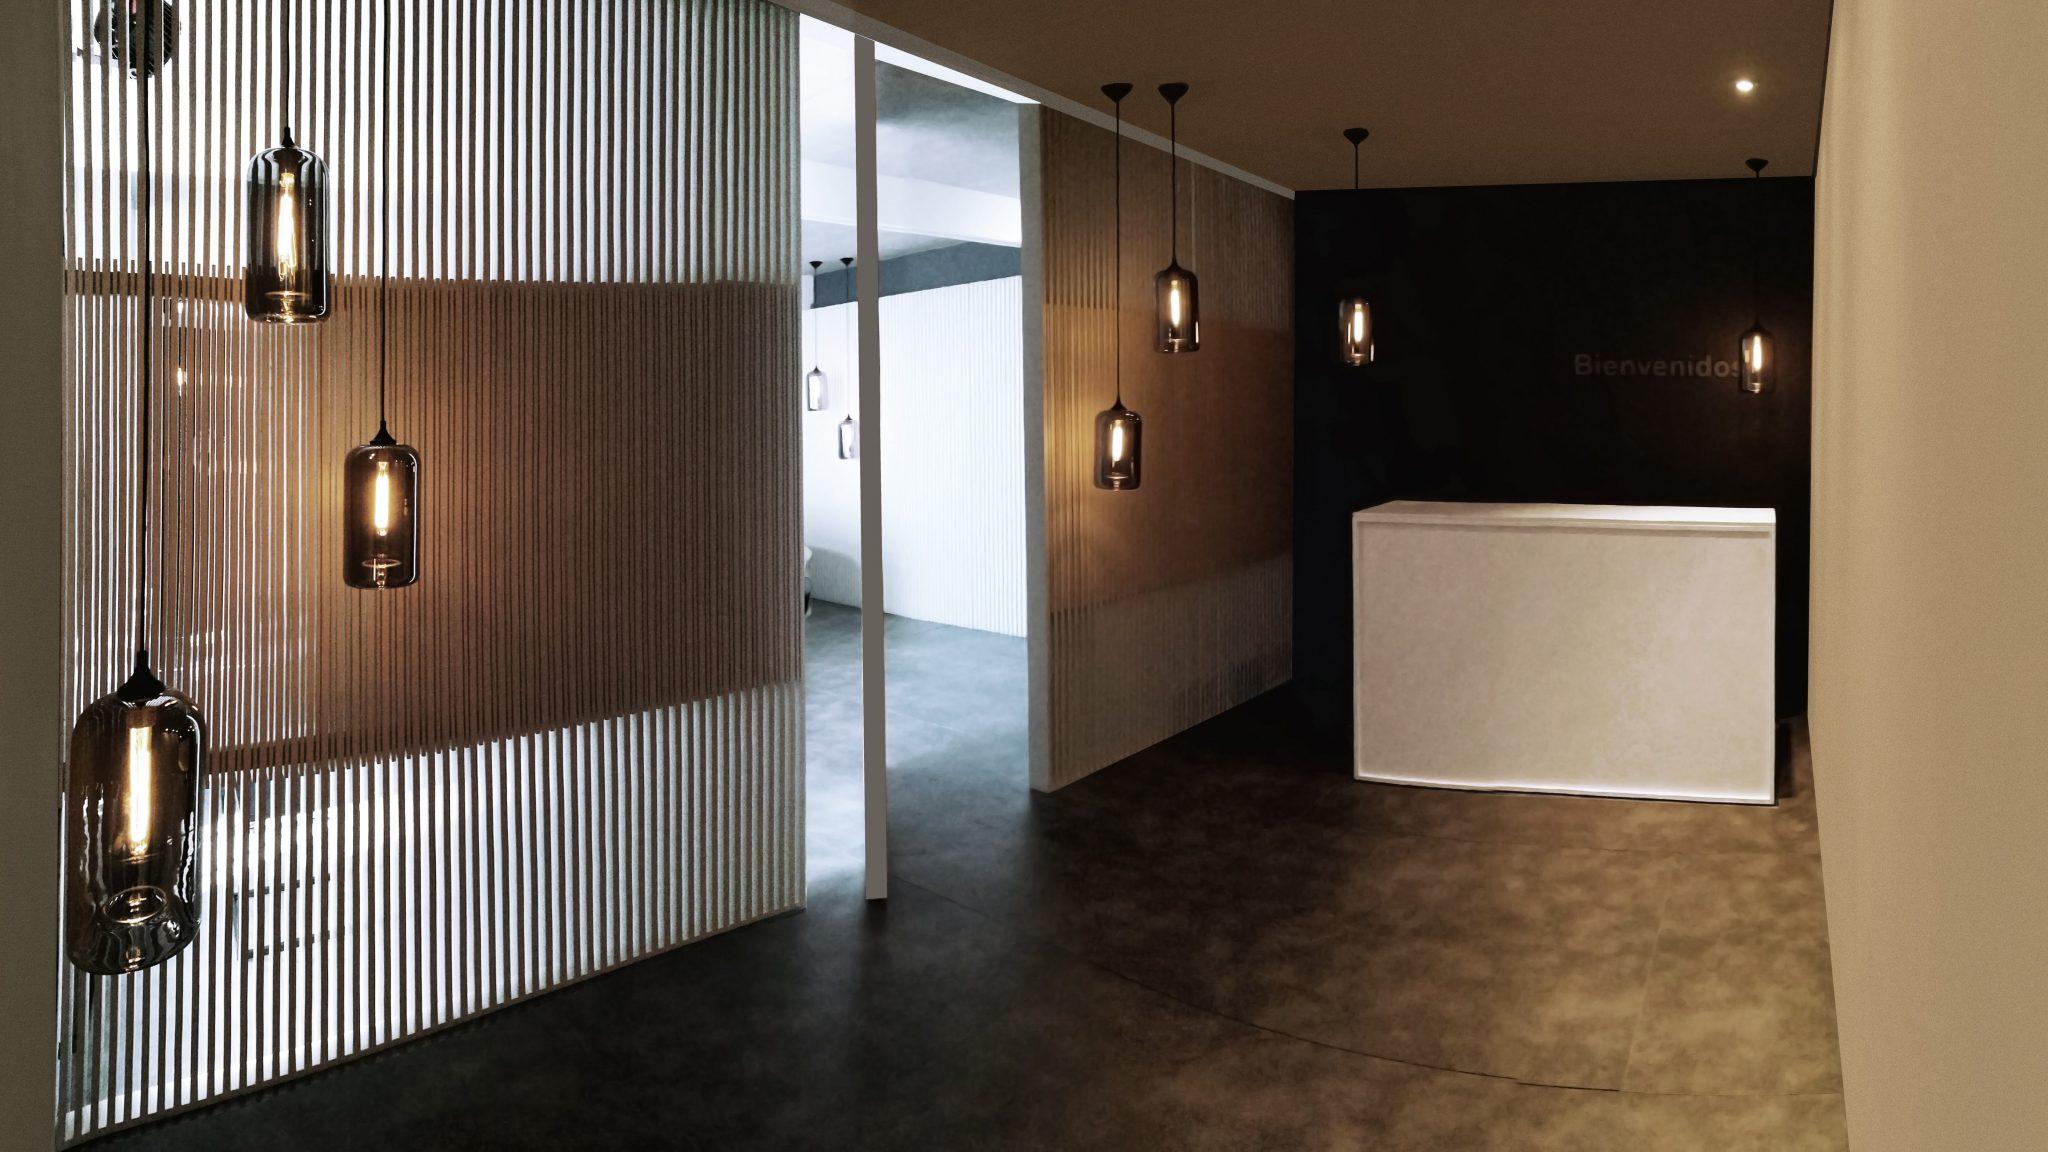 Arquitectura / Interiorismo / Closed